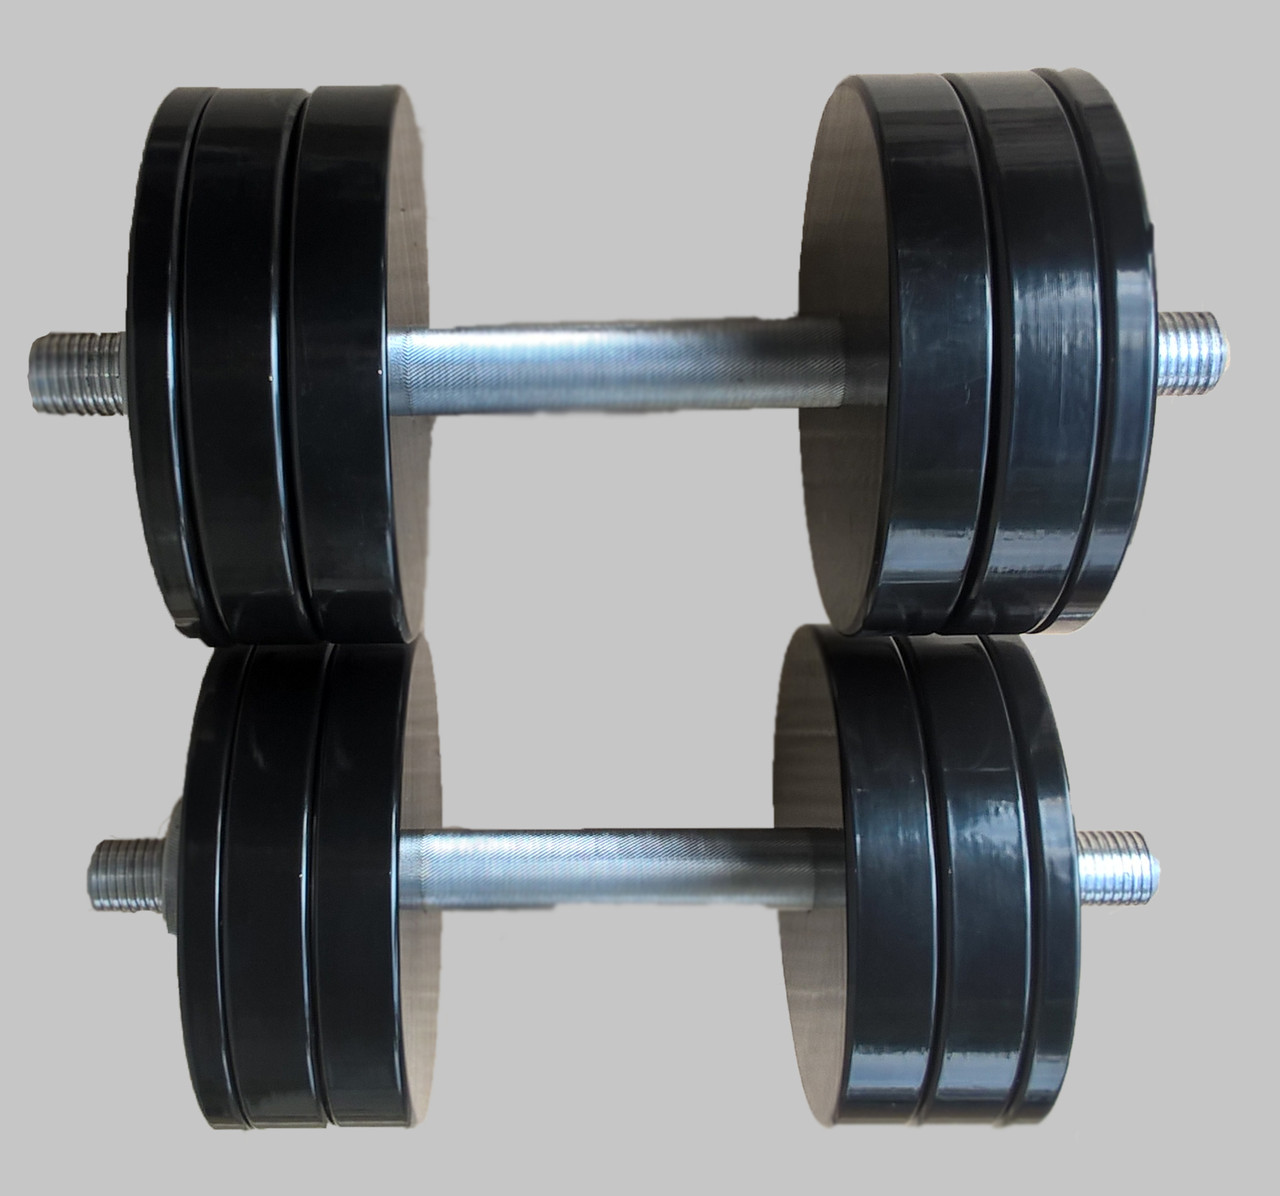 Гантели наборные металлические с покрытием 2*16 кг (Общий вес 32 кг)